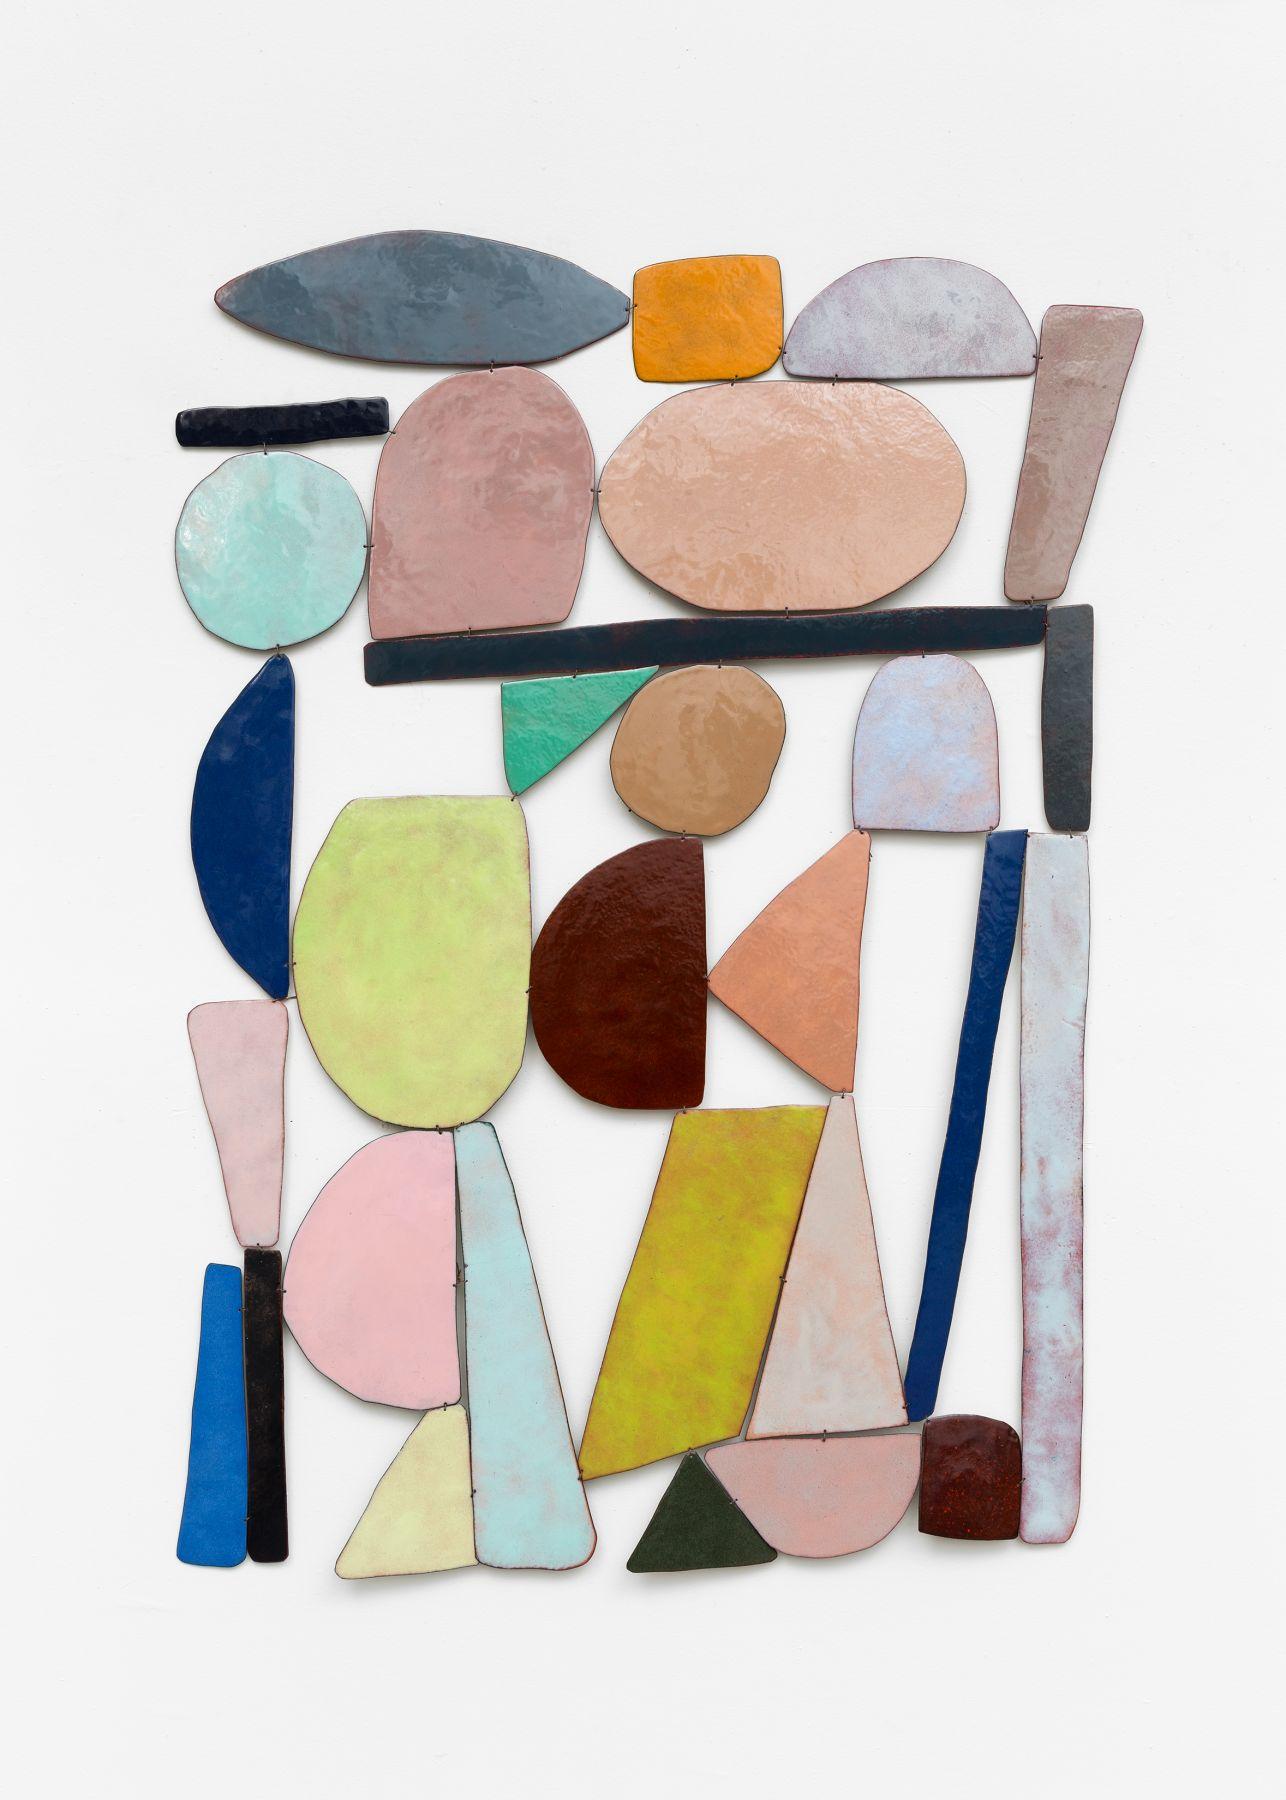 J.C. Fontanive, Broken Fingernails of Dirty Hands, 2019